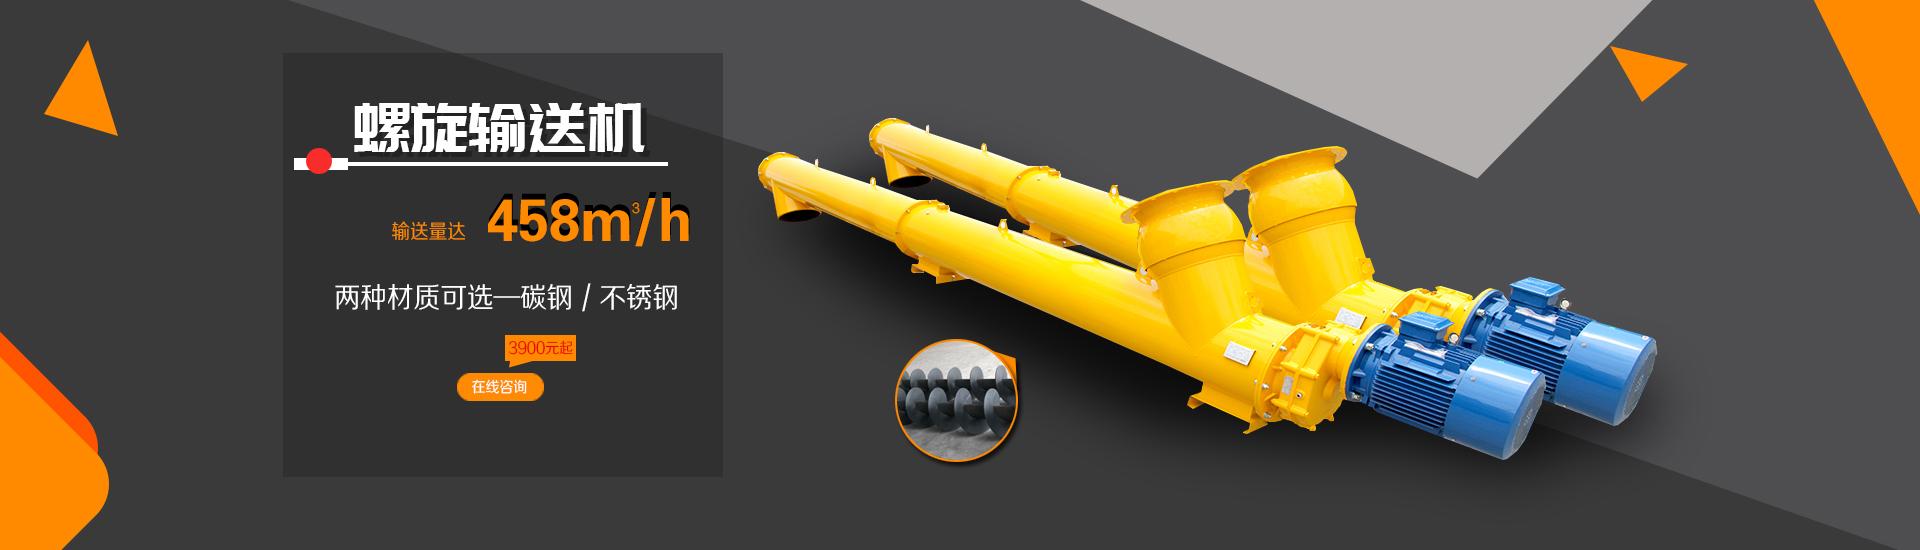 有轴和无轴设计,适用物料范围广,可以支持用户定制